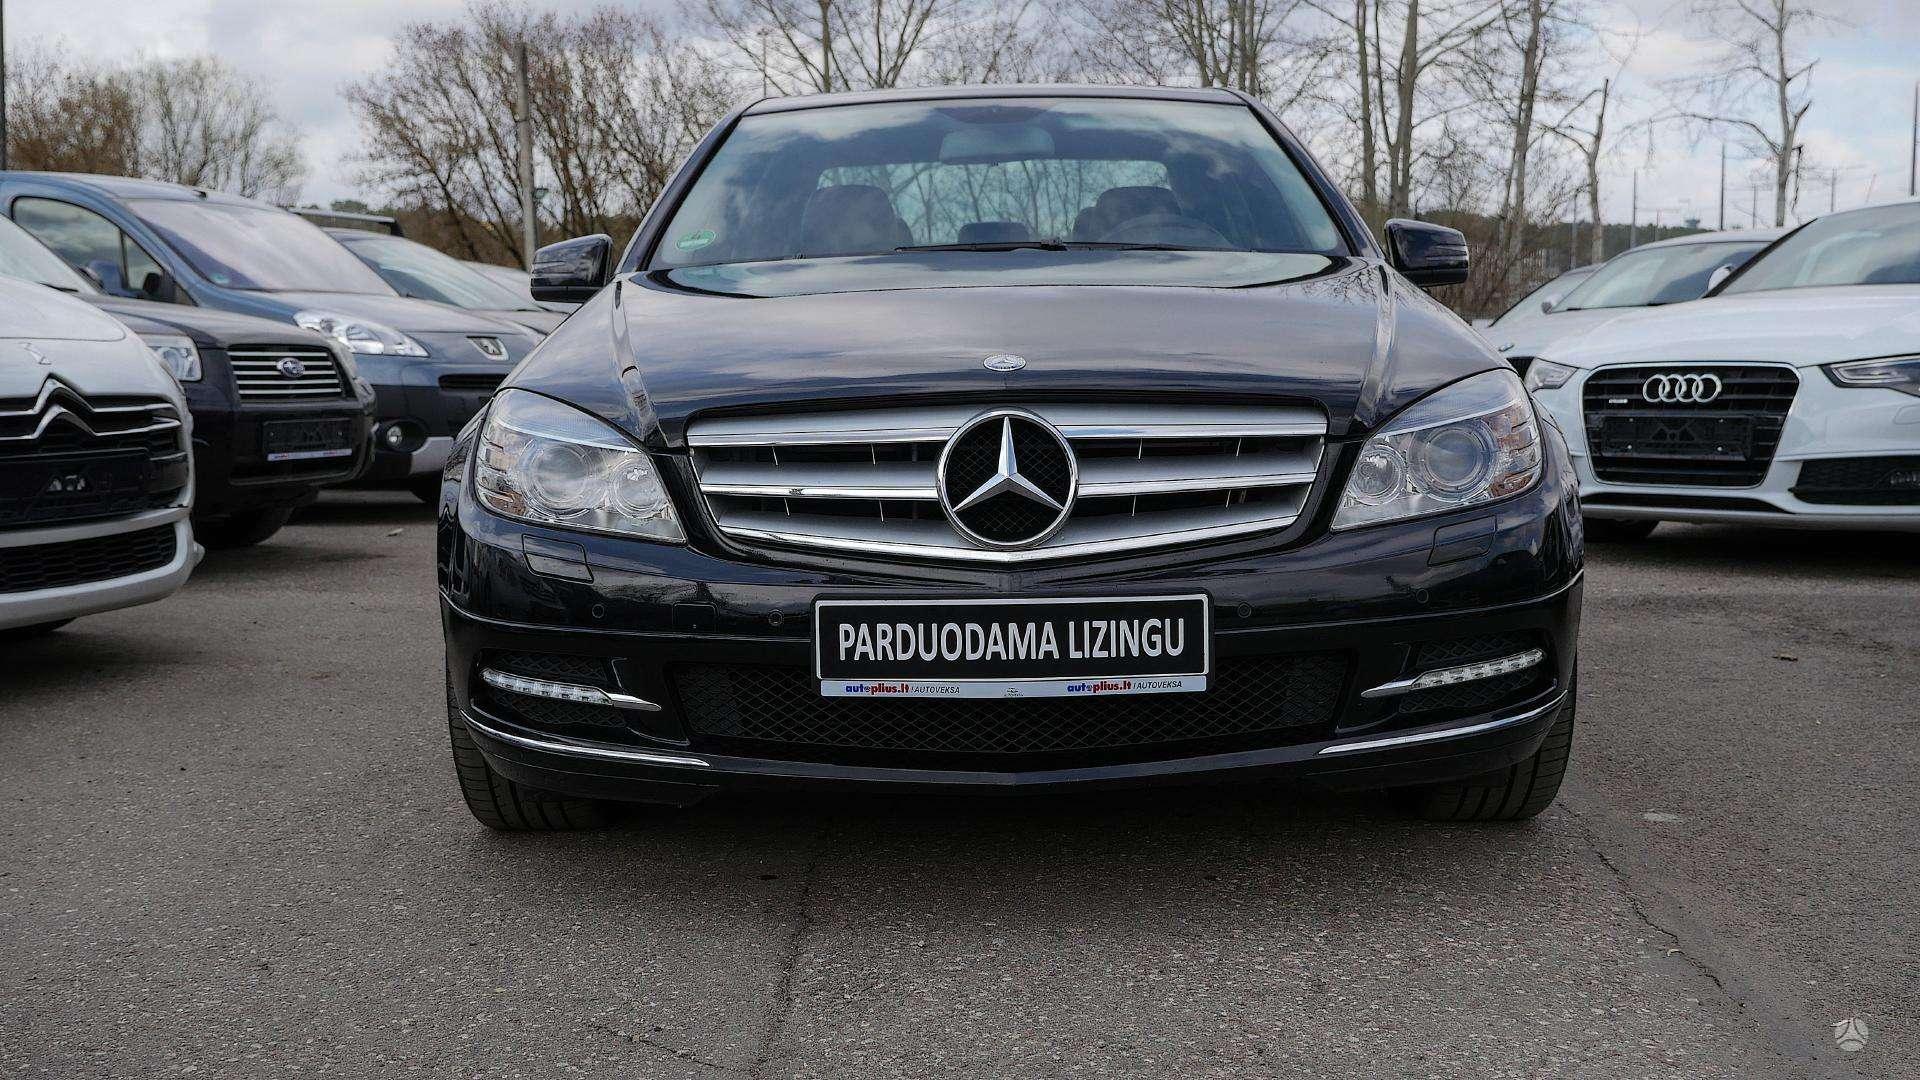 Mercedes-Benz C250 išsimokėtinai nuo 161Eur/mėn su 3 mėnesių garantija